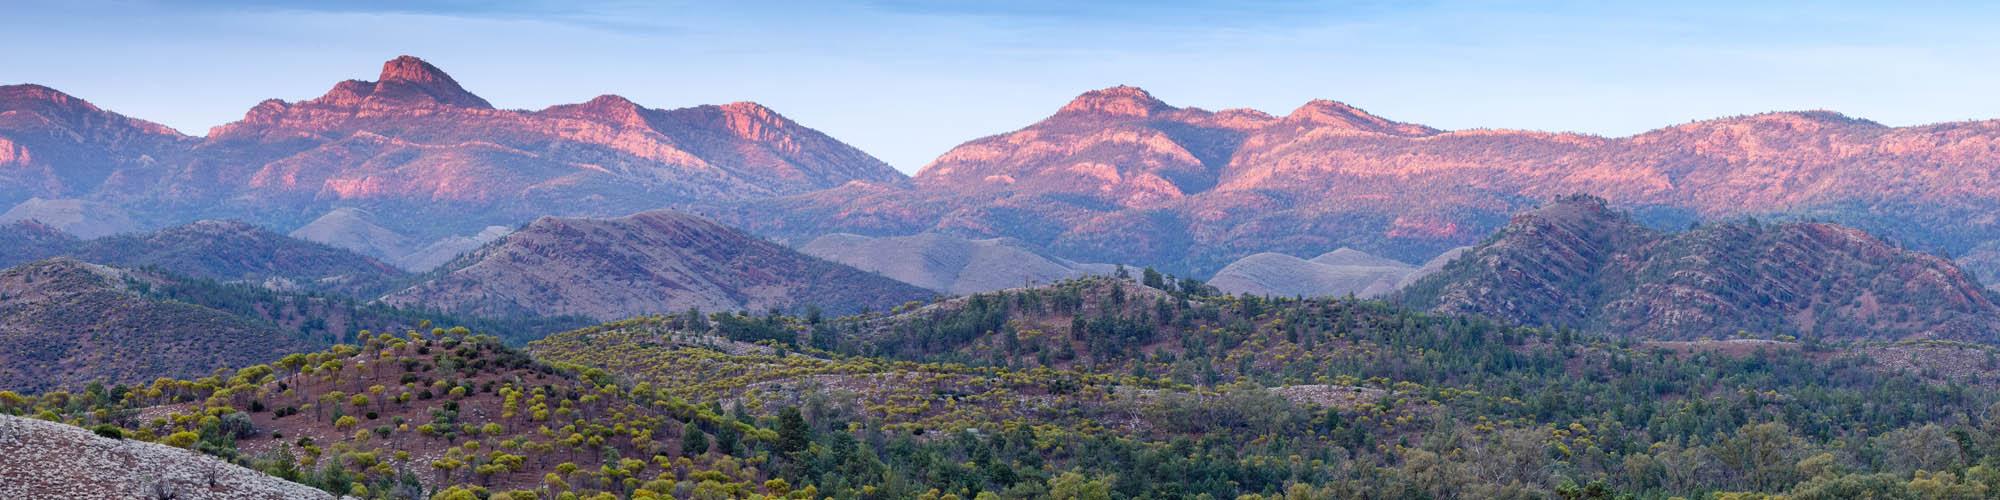 6 Day Flinders Ranges walk